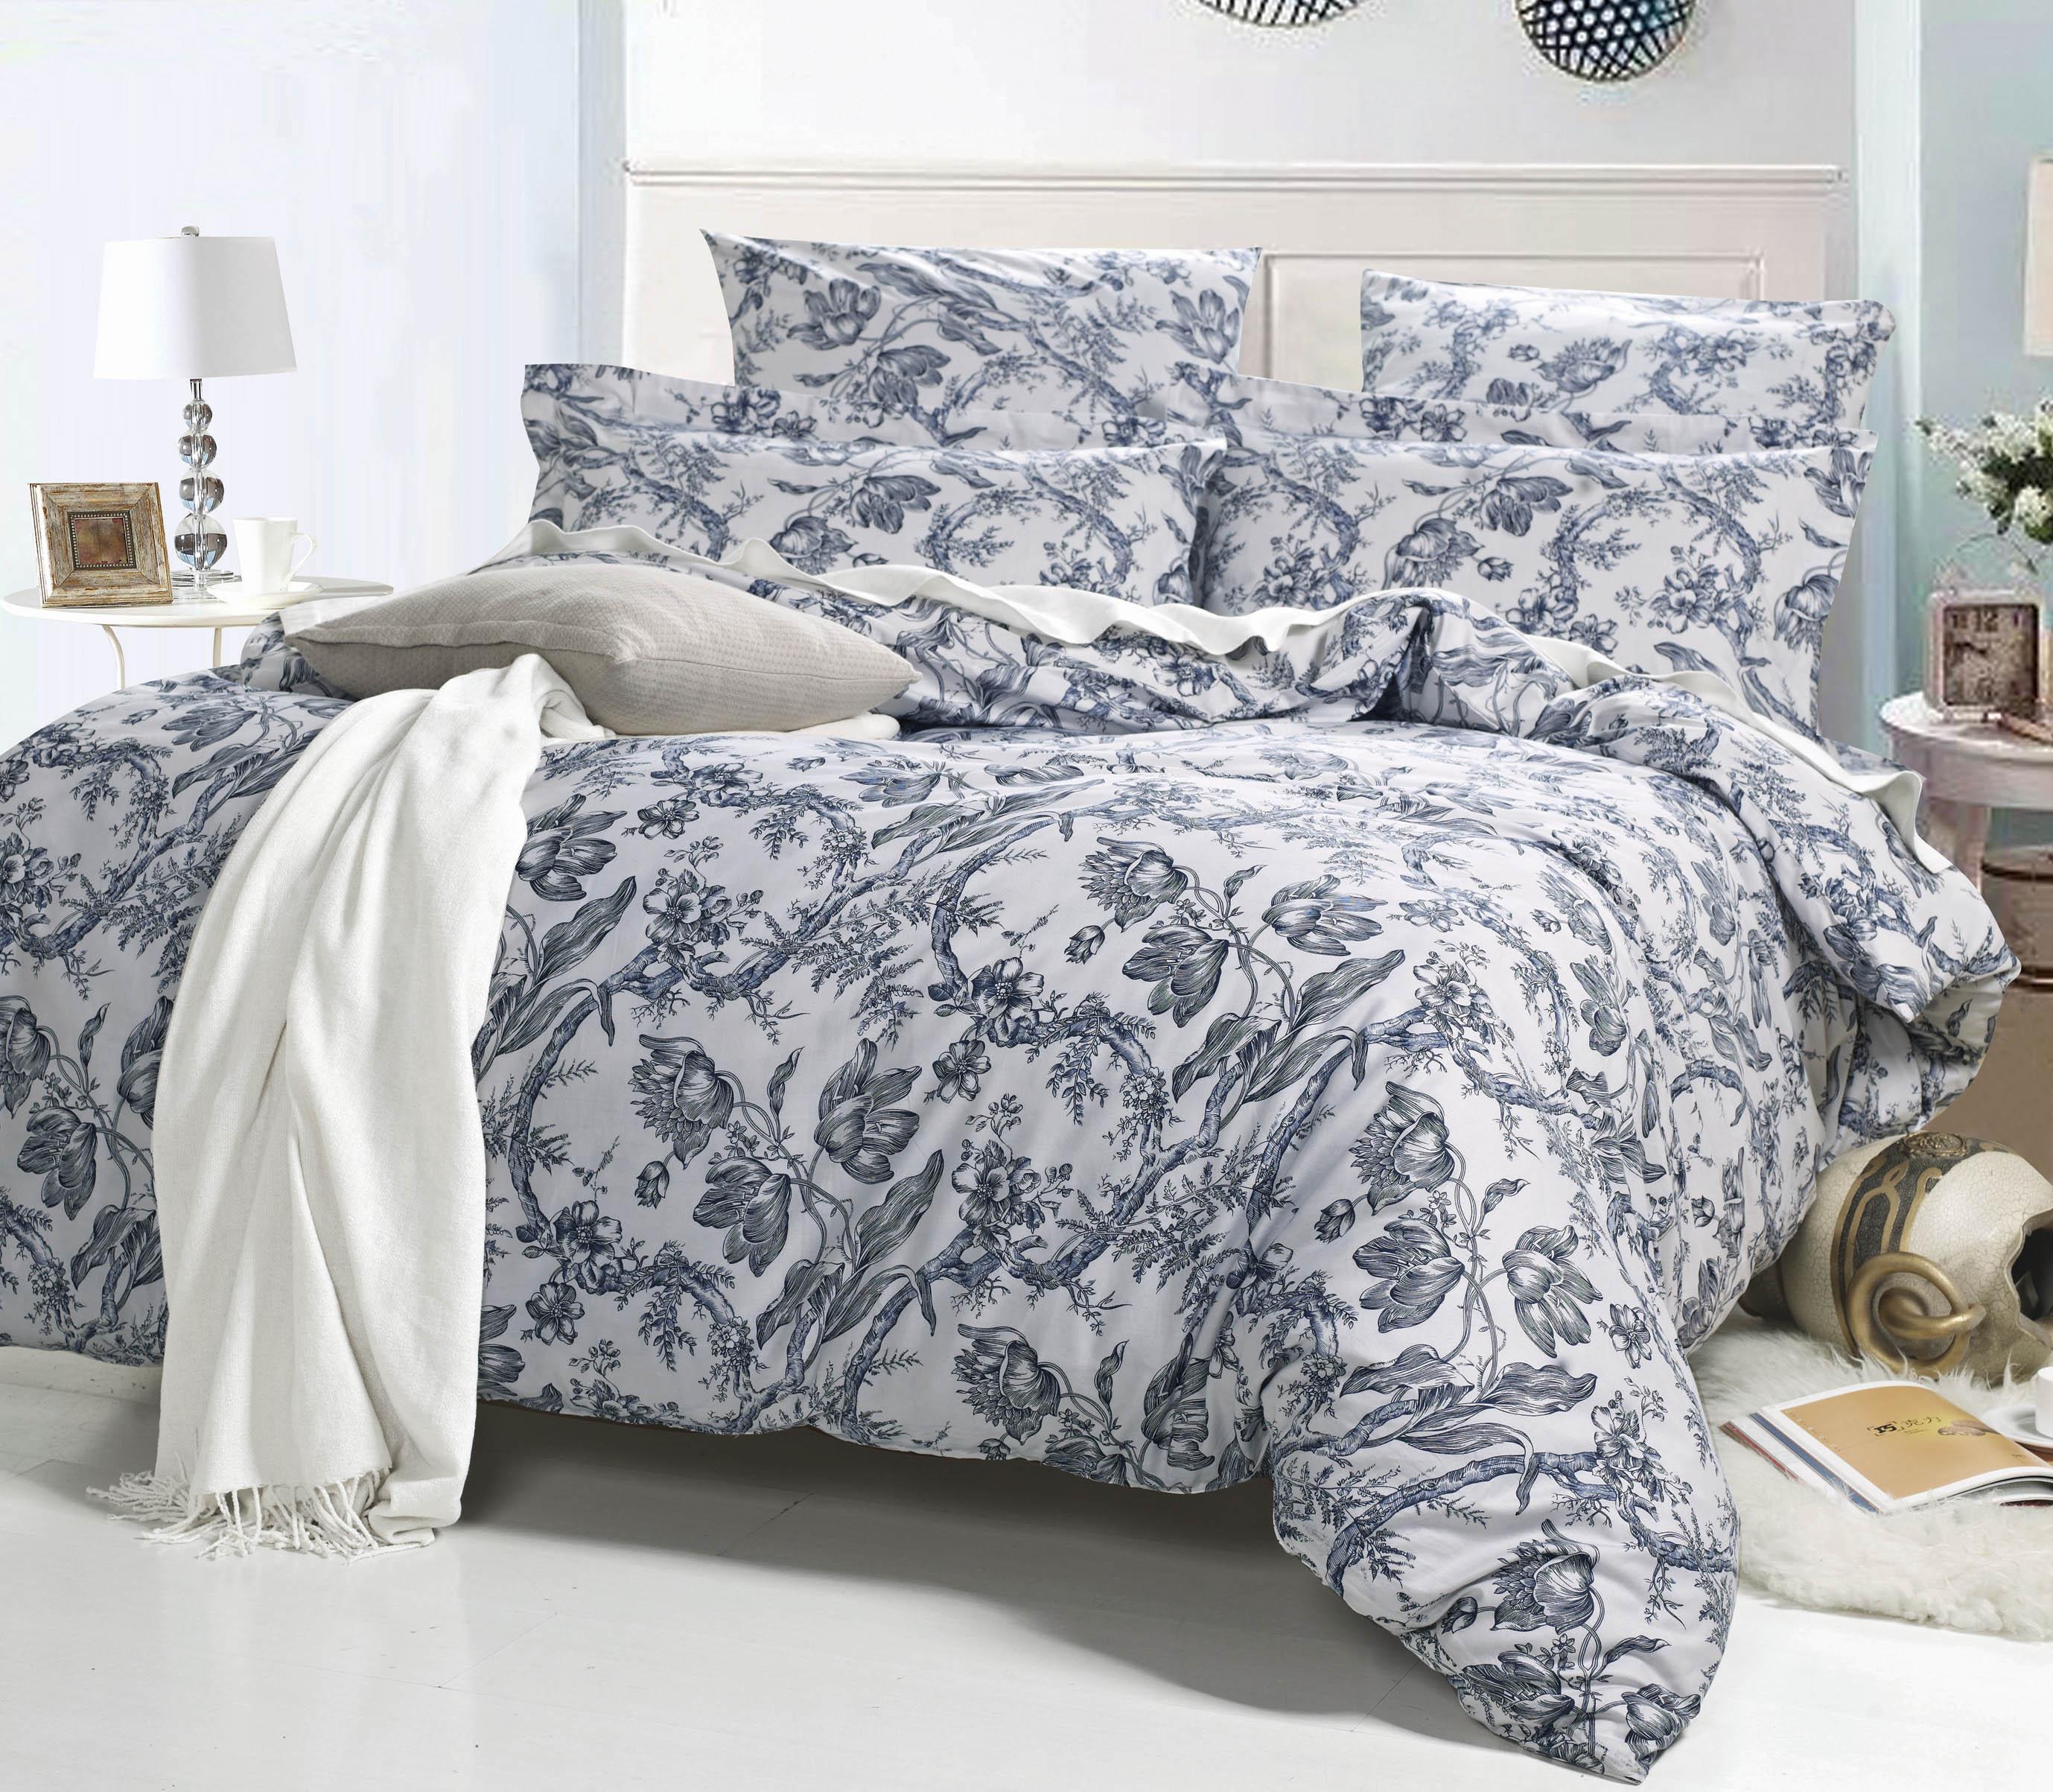 Комплекты постельного белья СайлиД Постельное бельеViola(2 сп. евро) постельное белье сайлид евро d 156